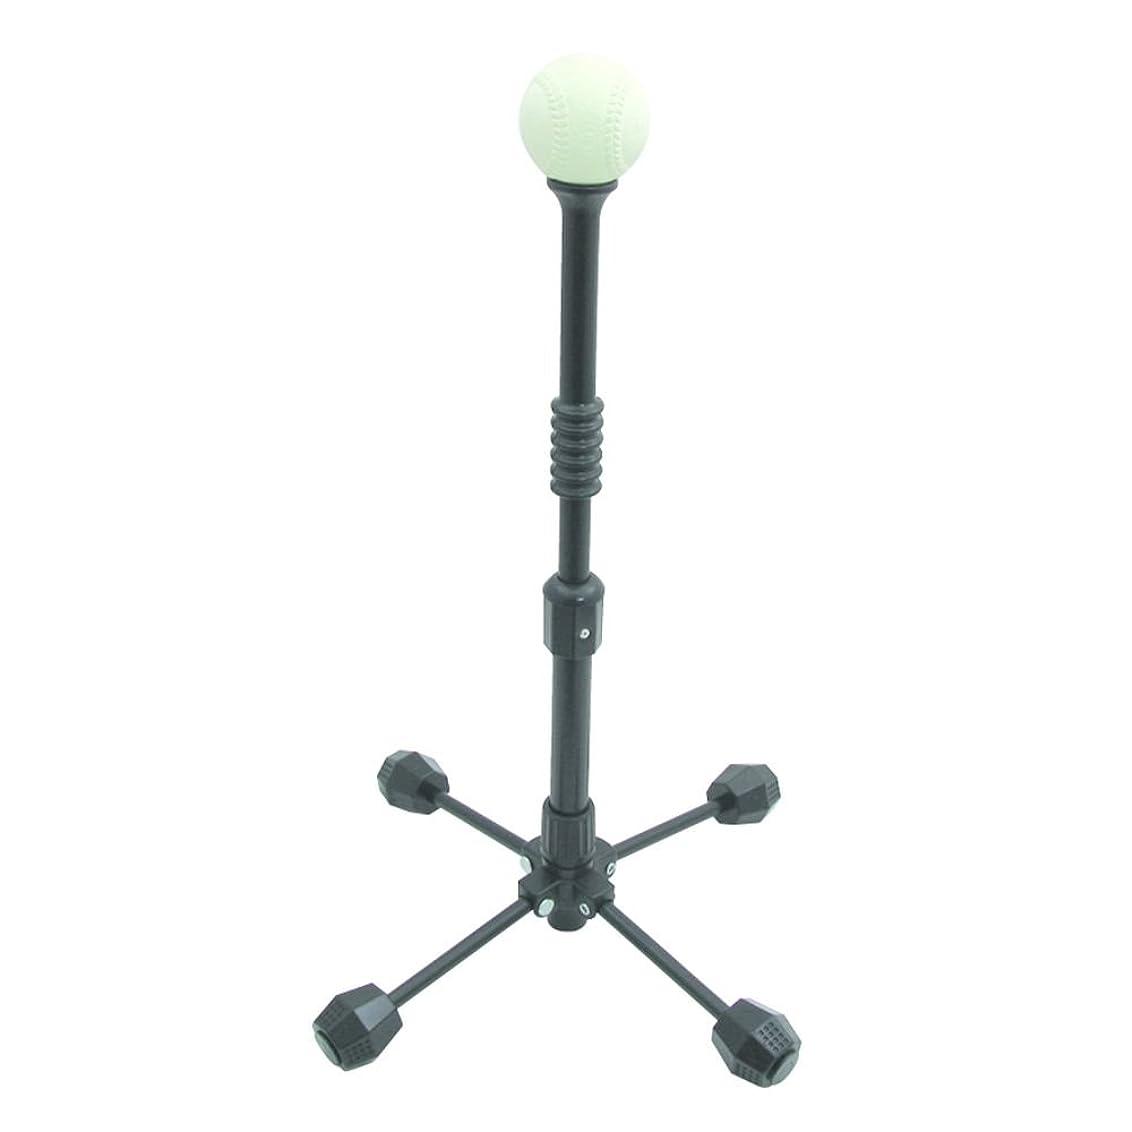 時刻表ビザオープニングサクライ貿易(SAKURAI) Promark(プロマーク) 速球王子 球速計測 LB-990BC